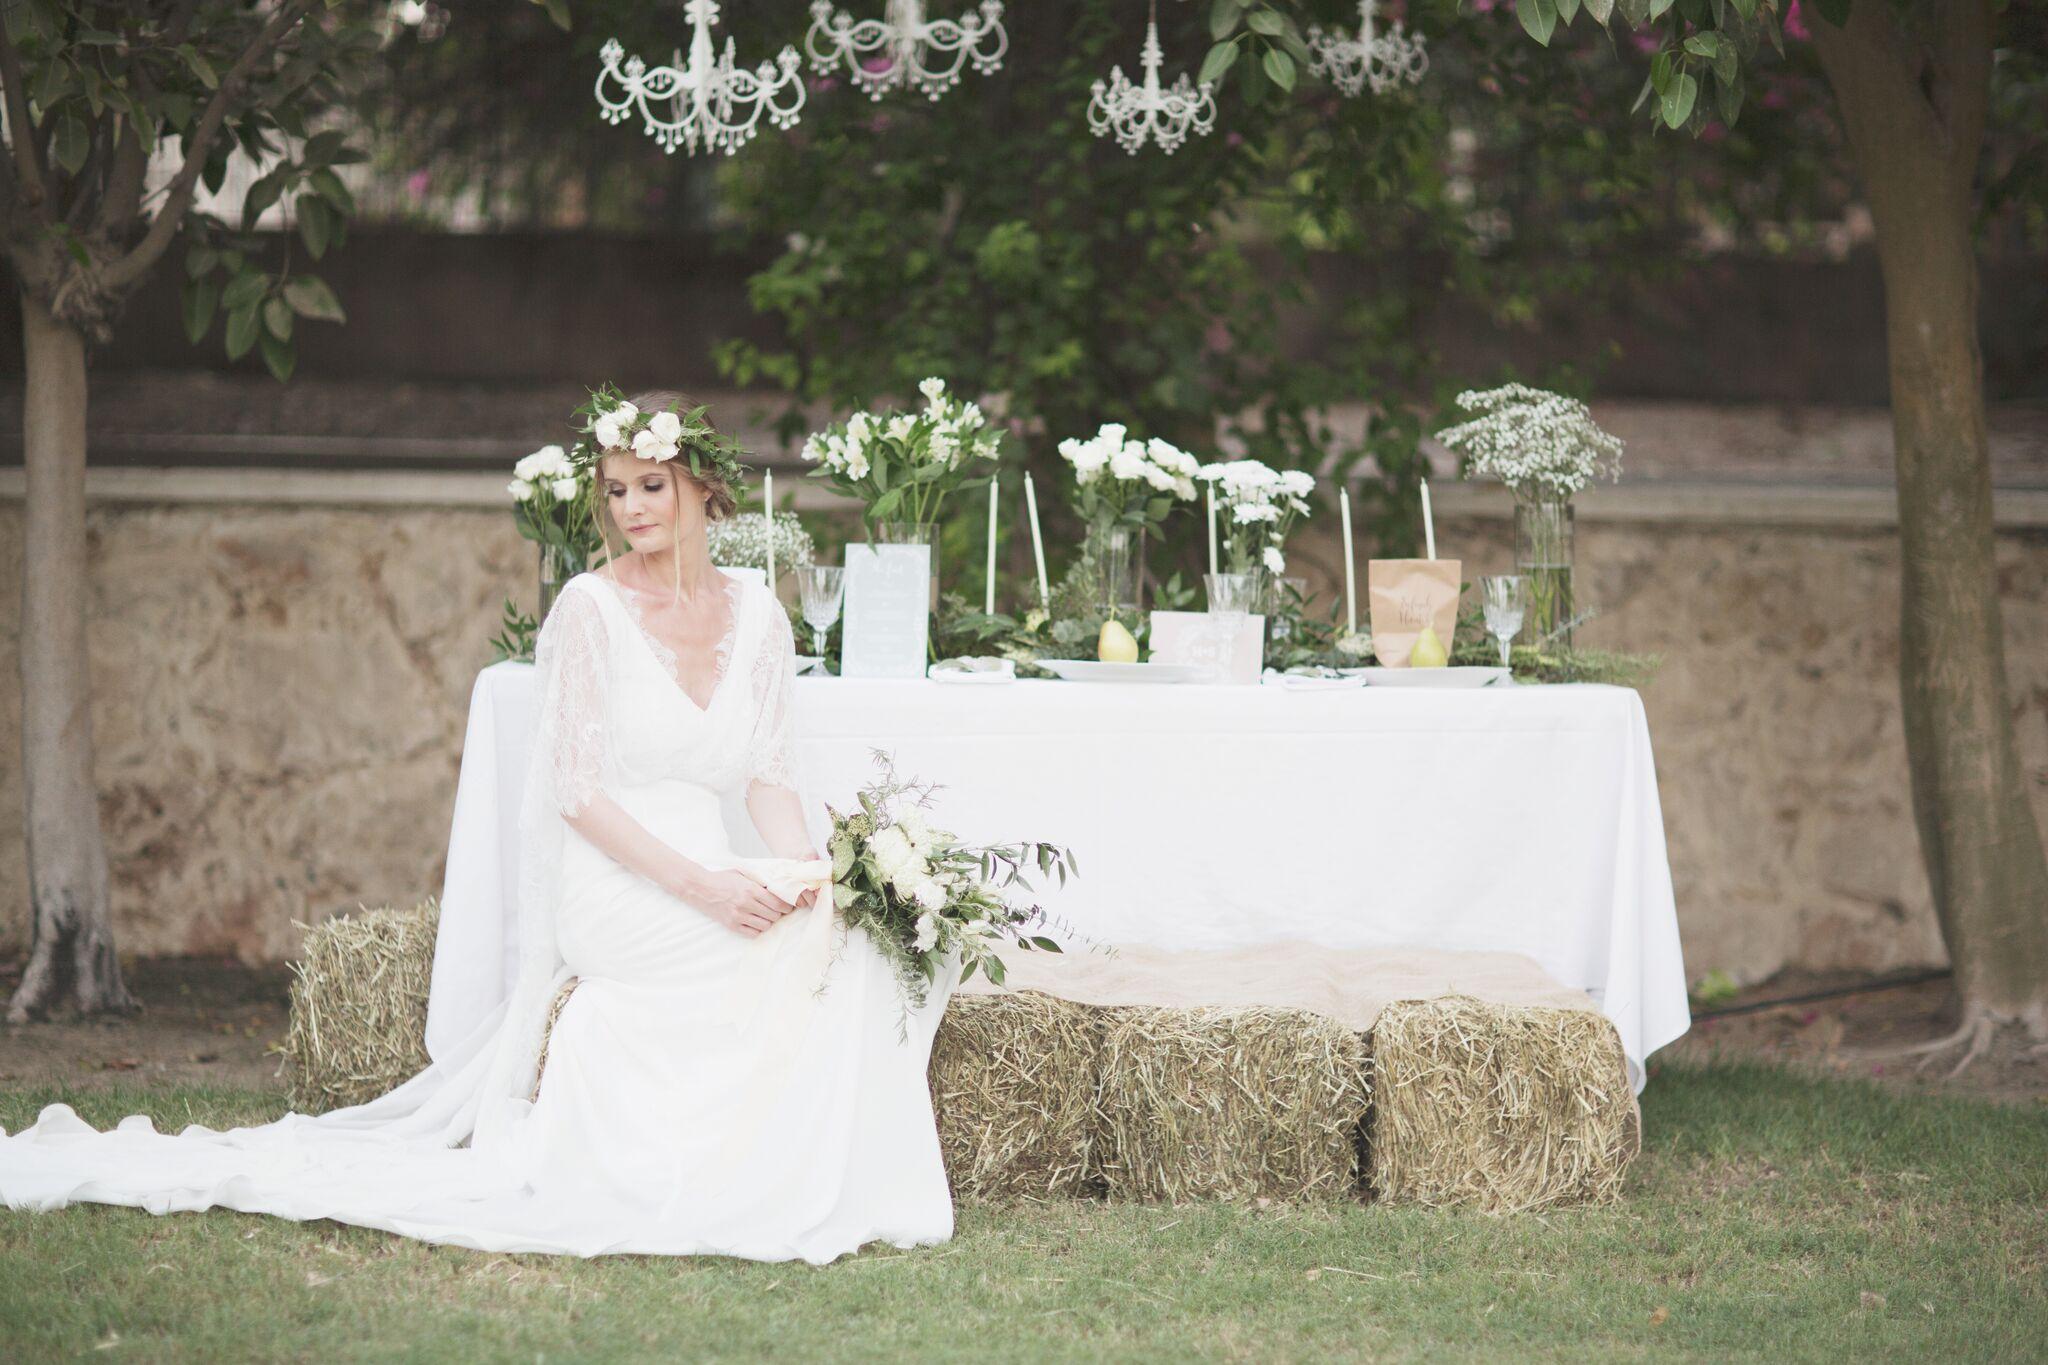 ميليا ديزرت بالم دبي الوجهة الأمثل لإقامة حفلات الزفاف الفاخرة في دبي